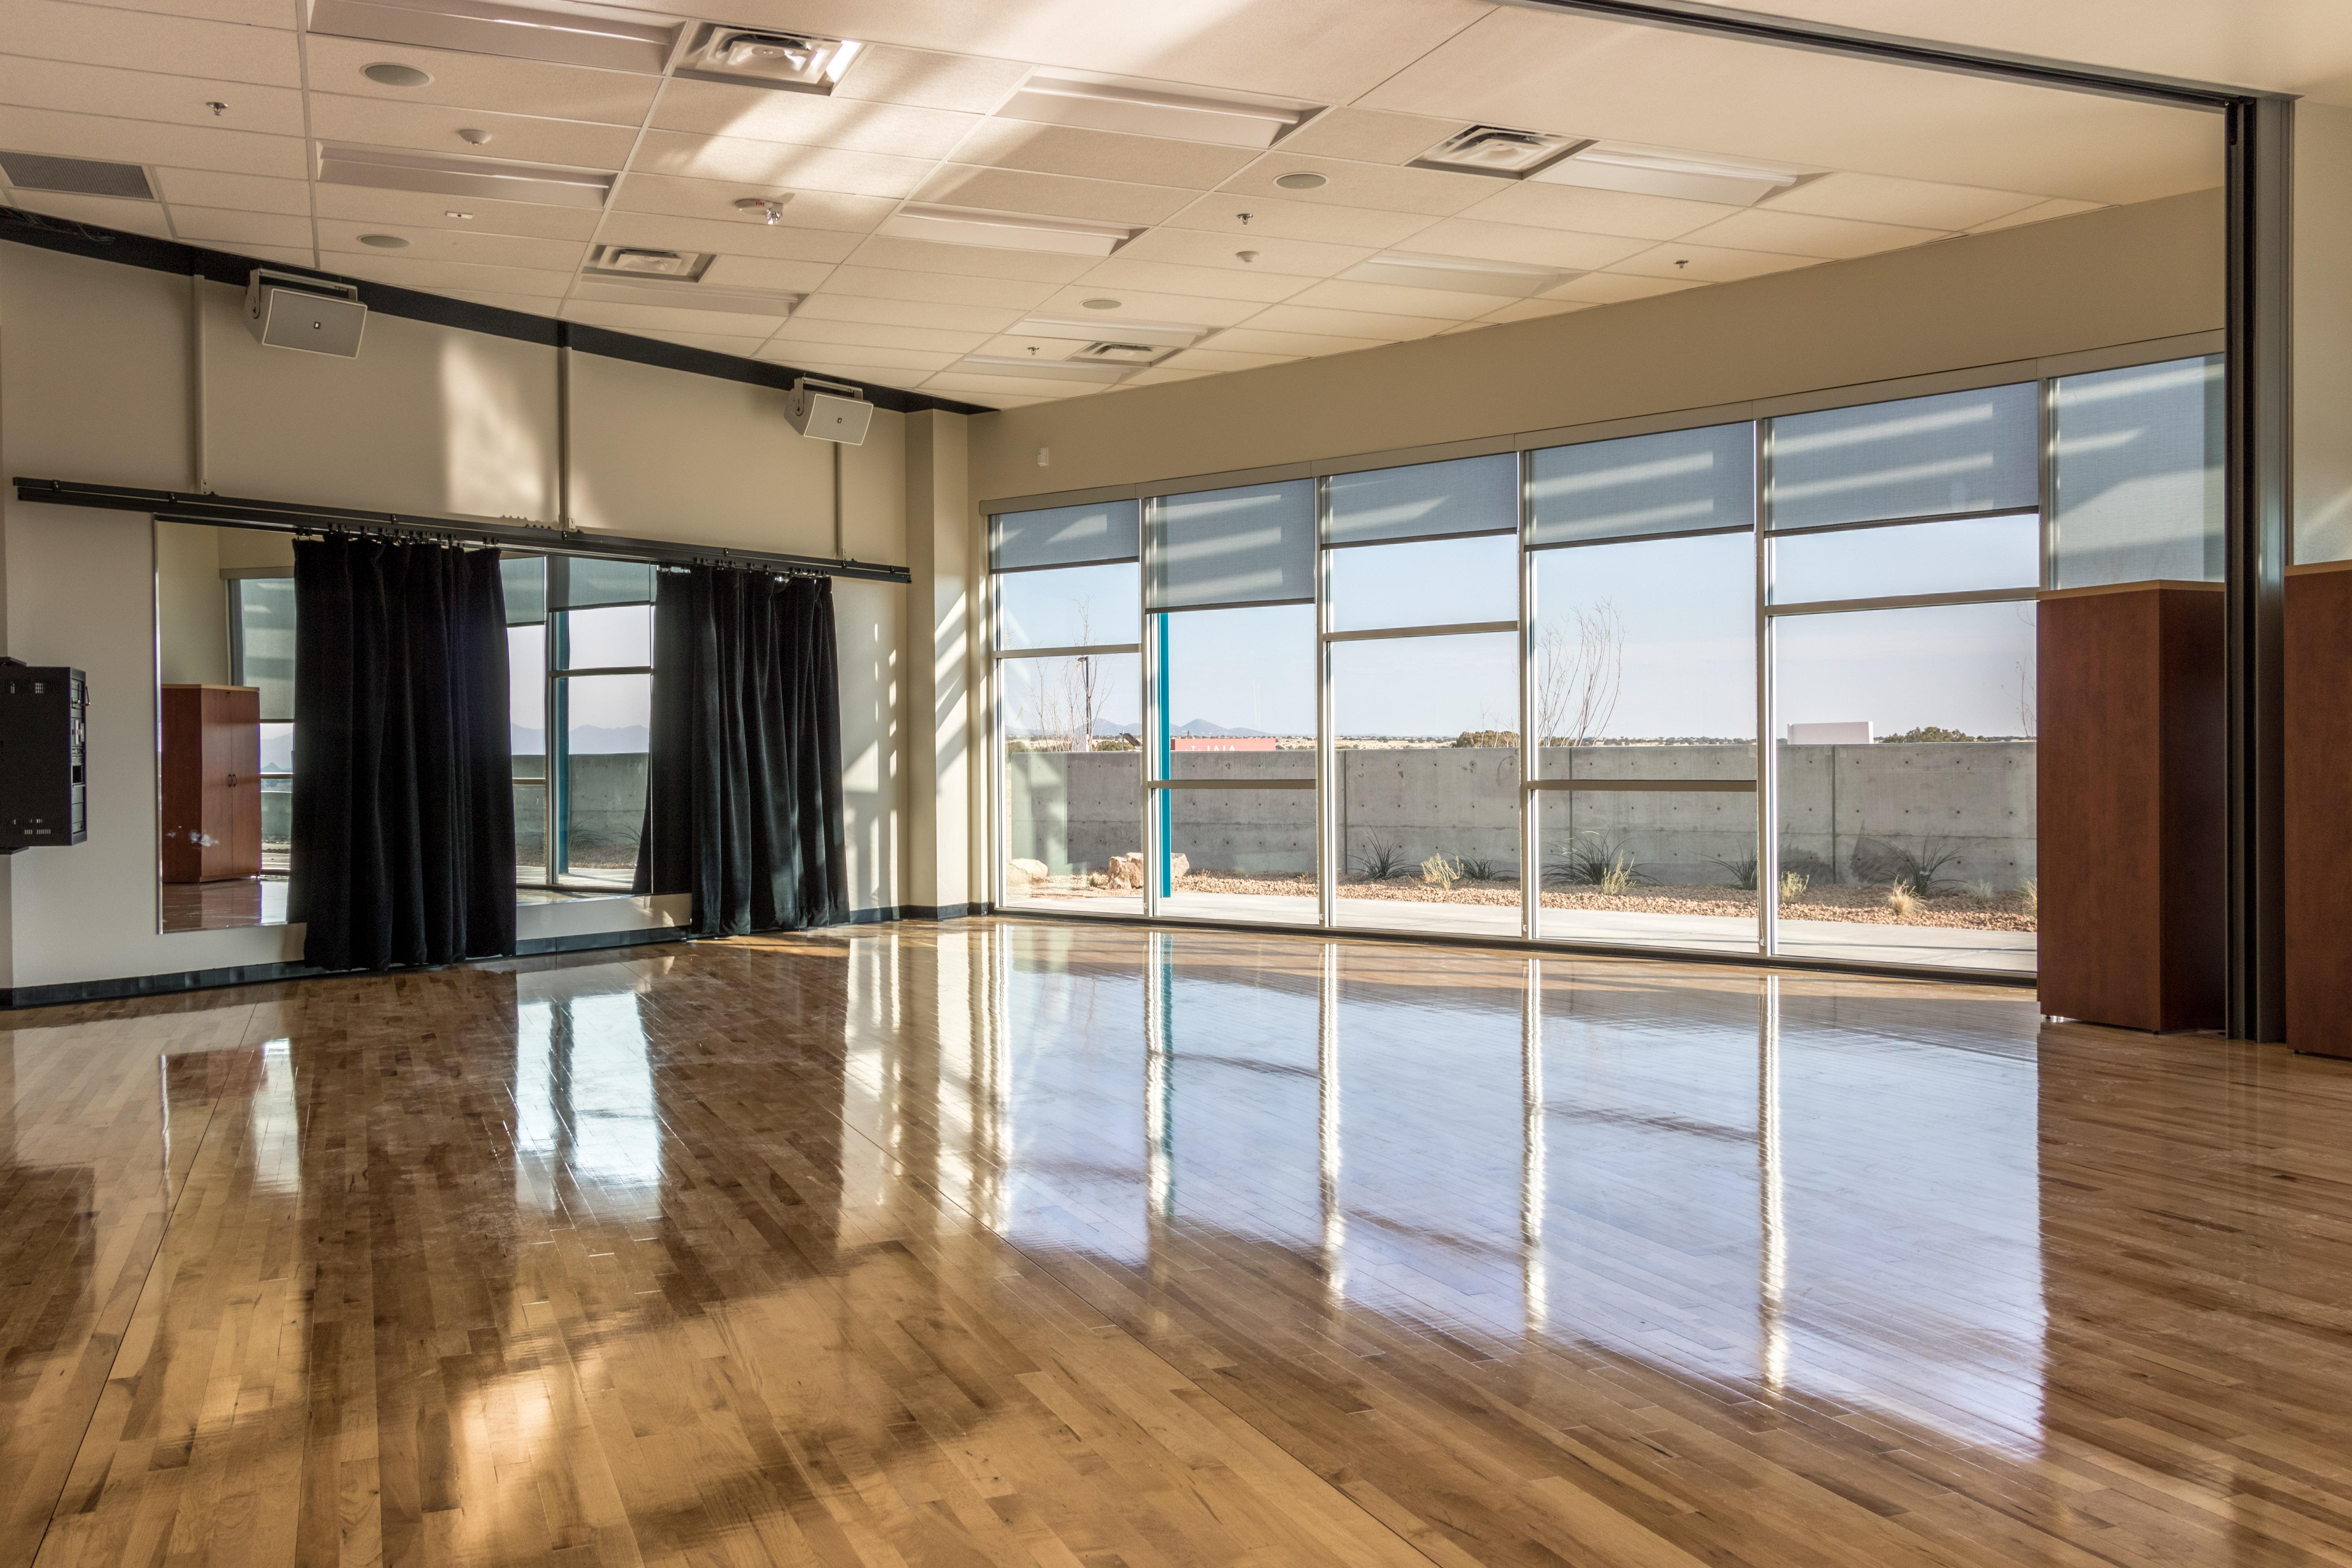 IAIA Multipurpose Performing Arts & Fitness Center Dance Studio